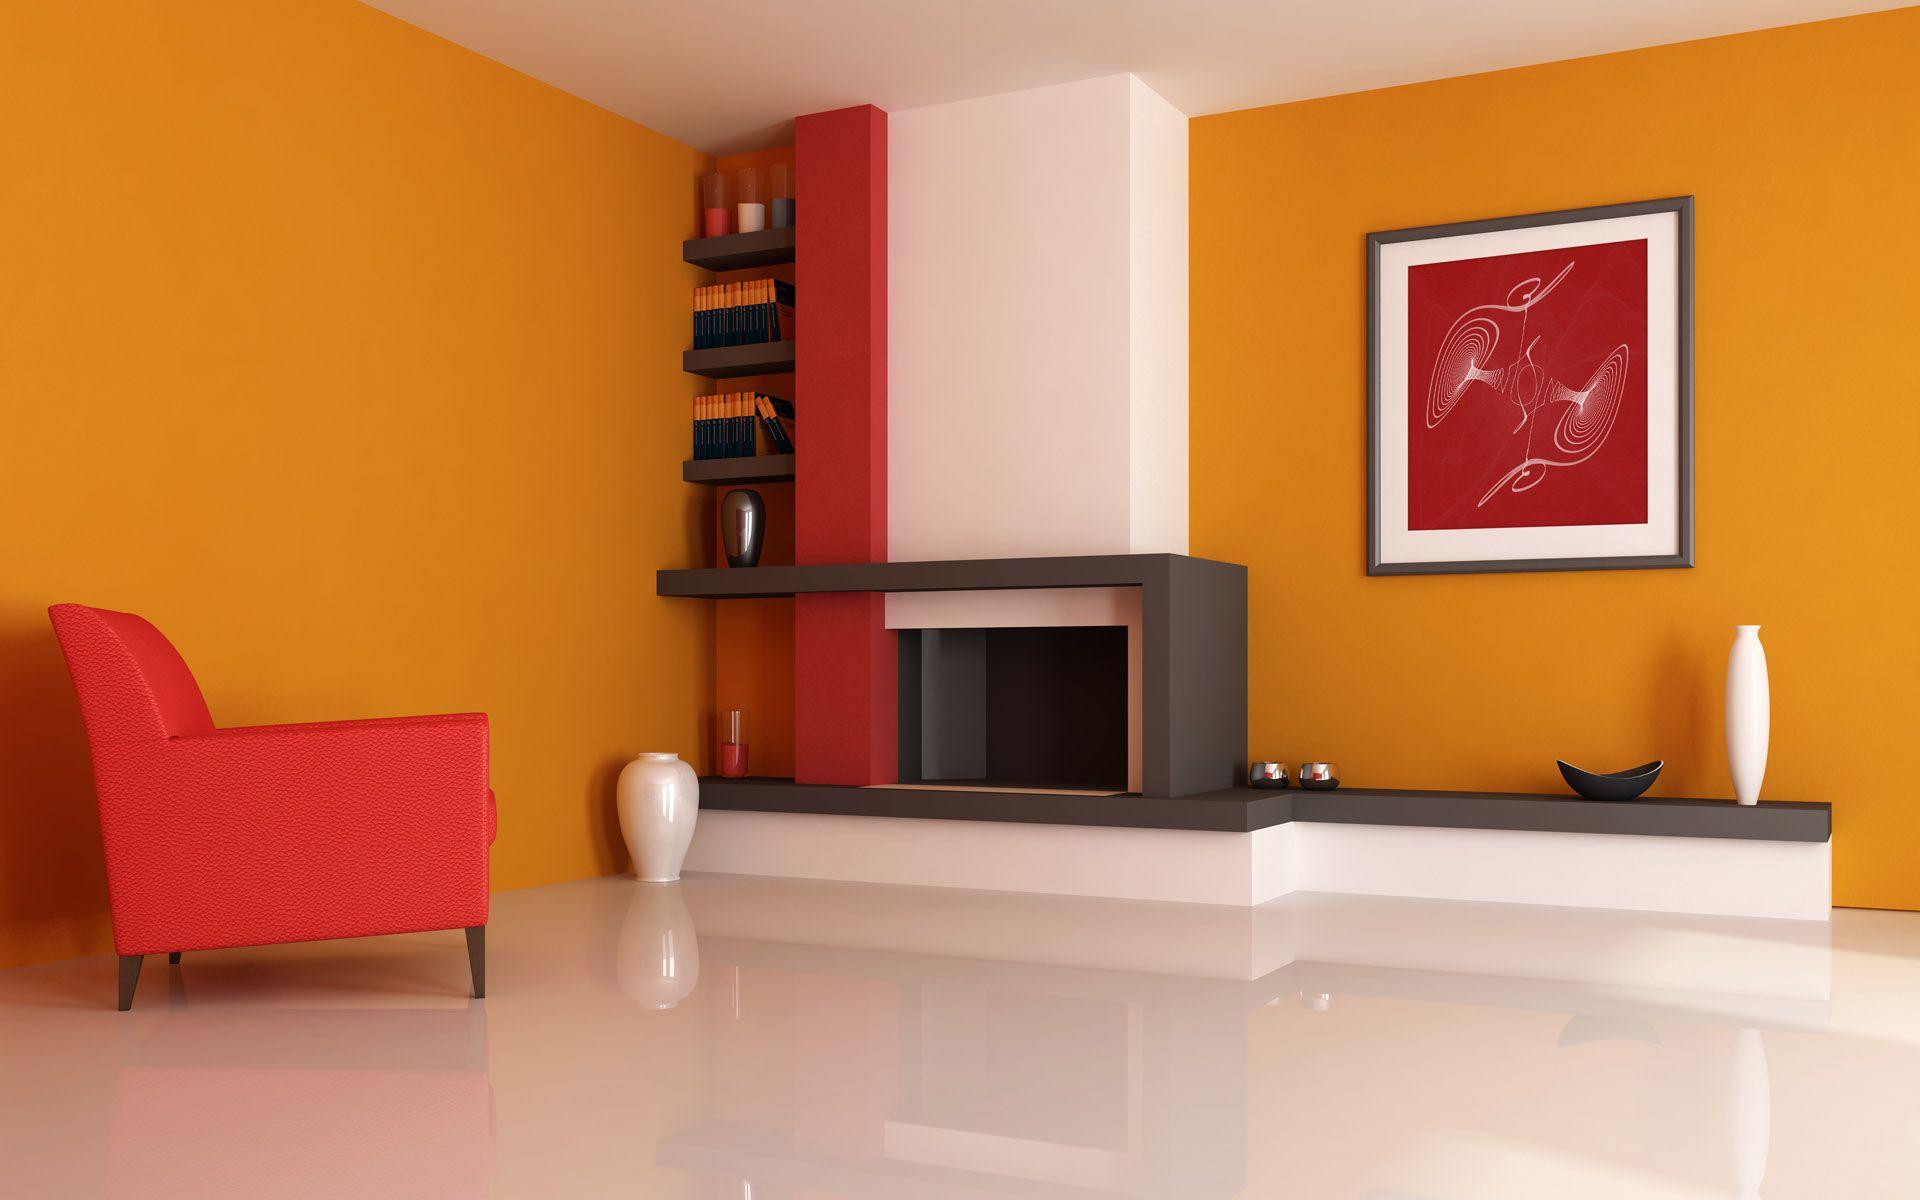 Tus muebles rojos quedar n incre bles con paredes naranjas - Como conseguir color naranja ...